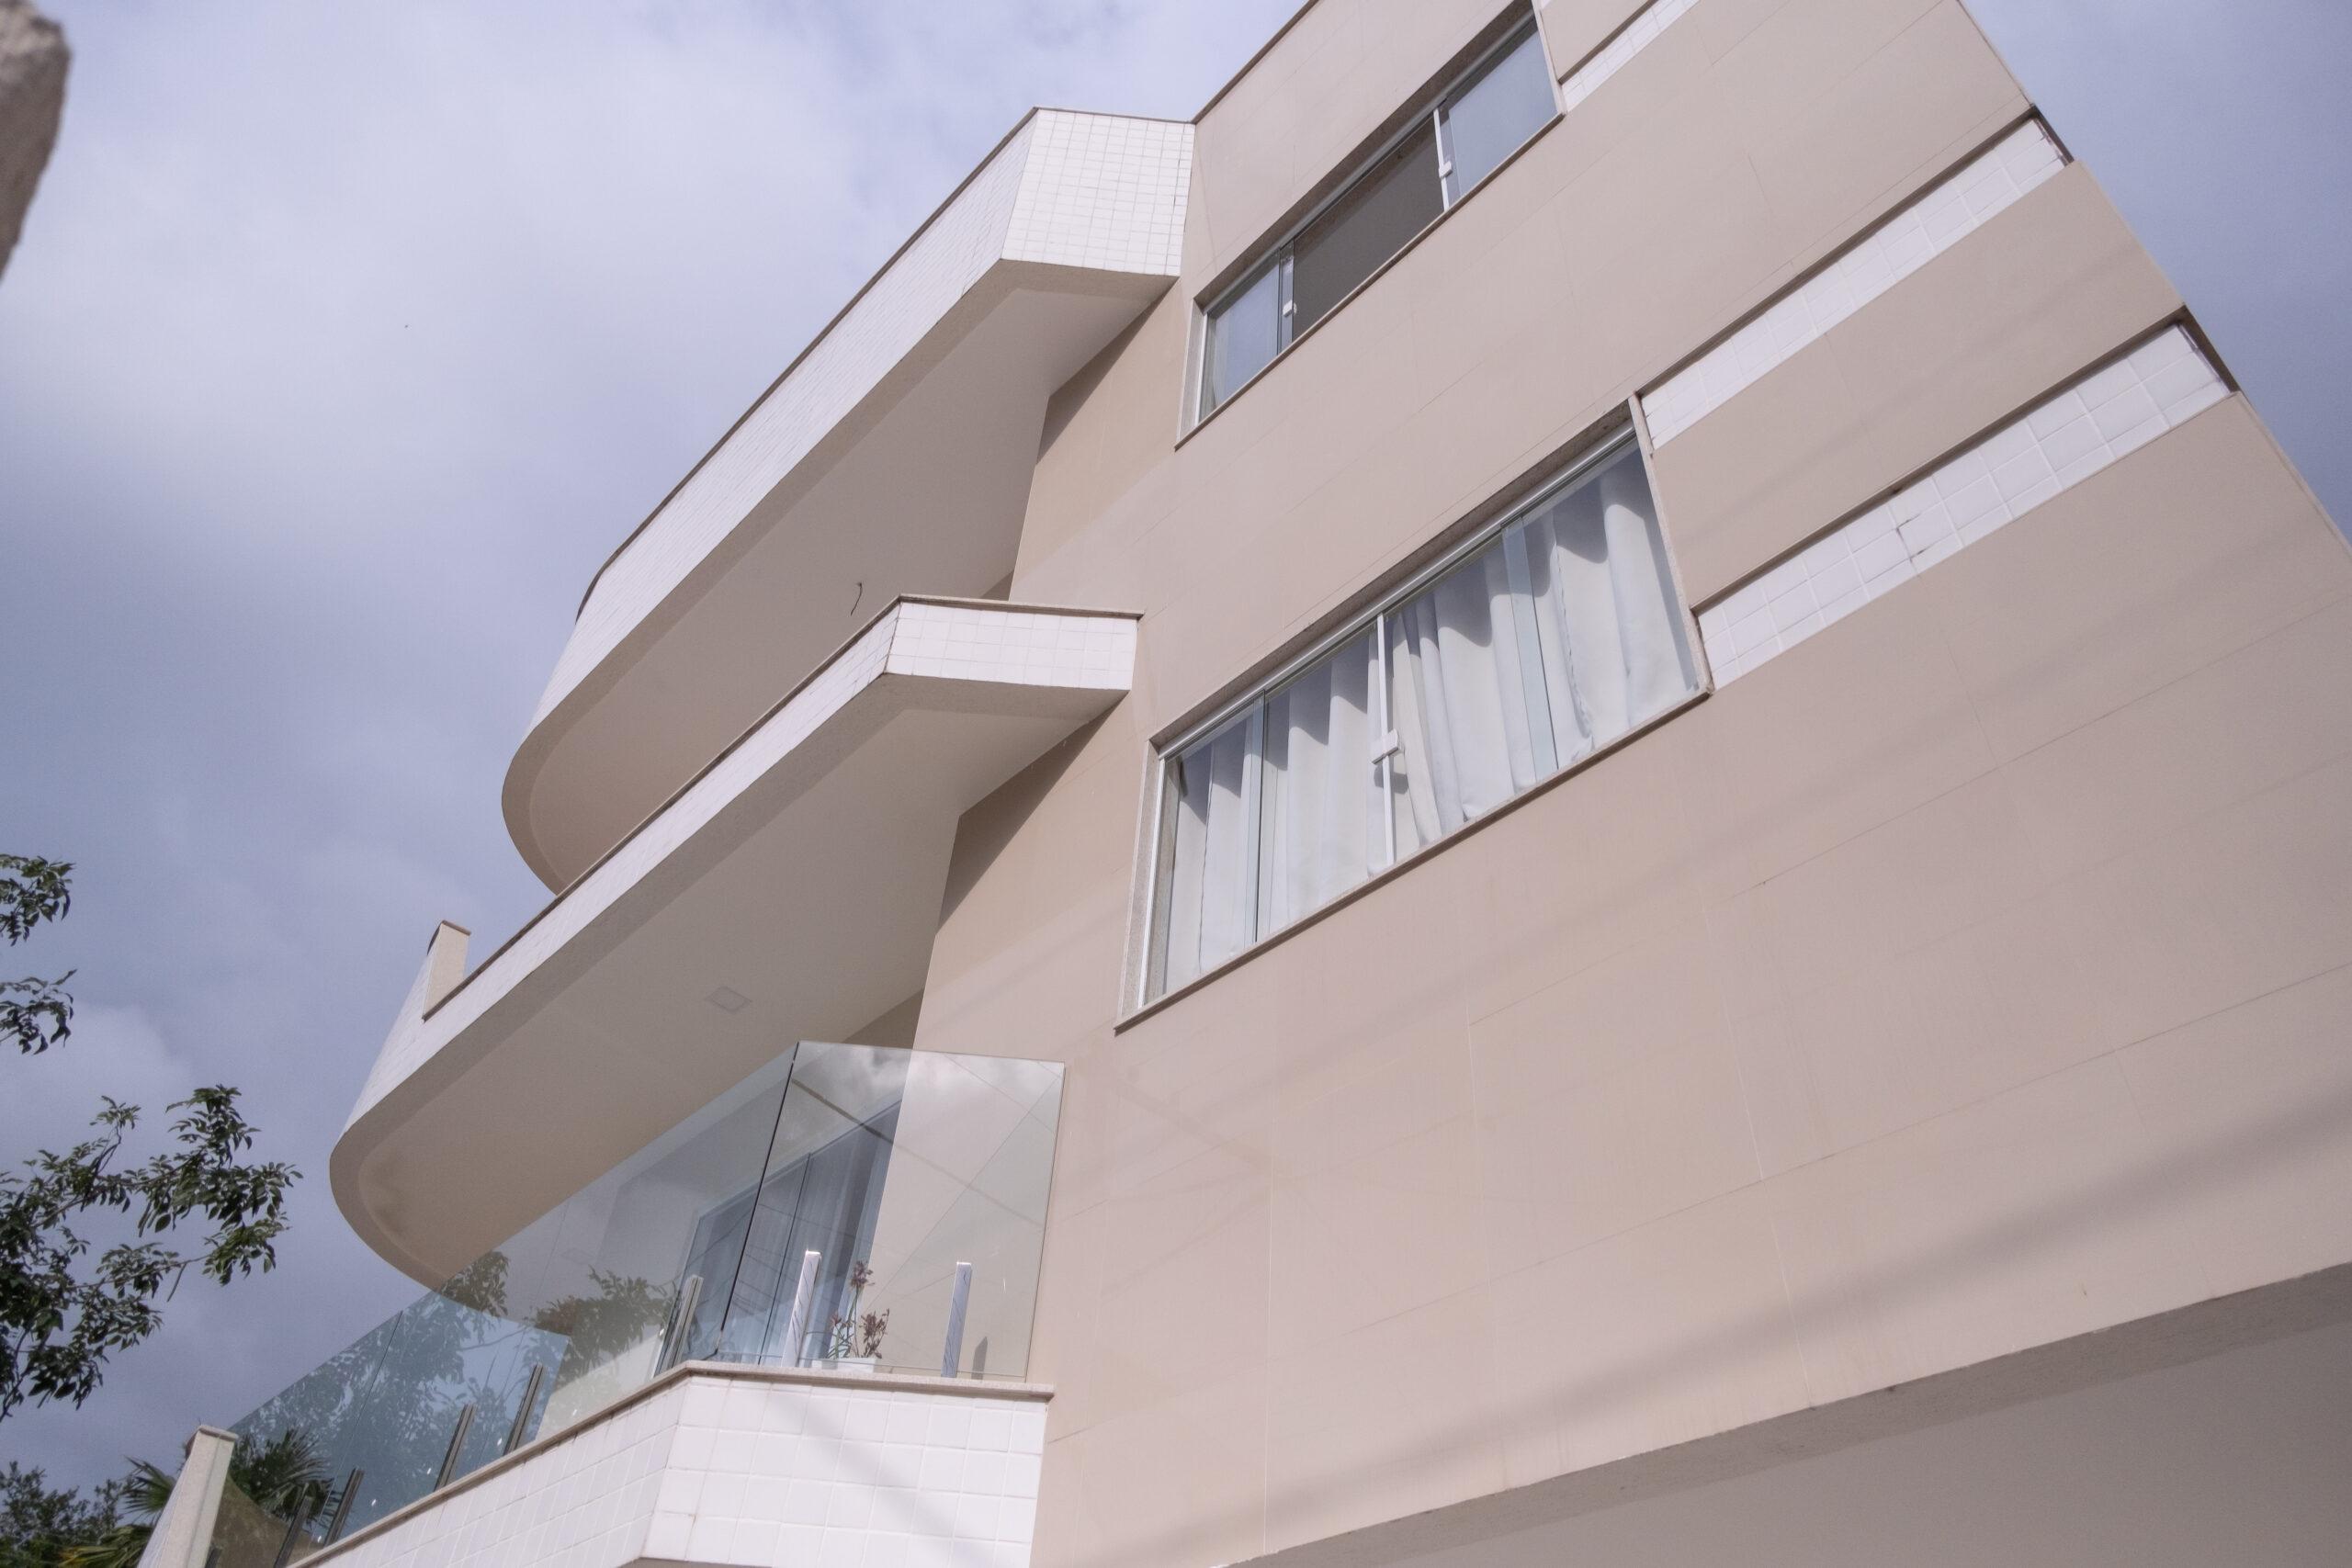 Cobertura duplex – Centro, Rio Bonito/RJ.